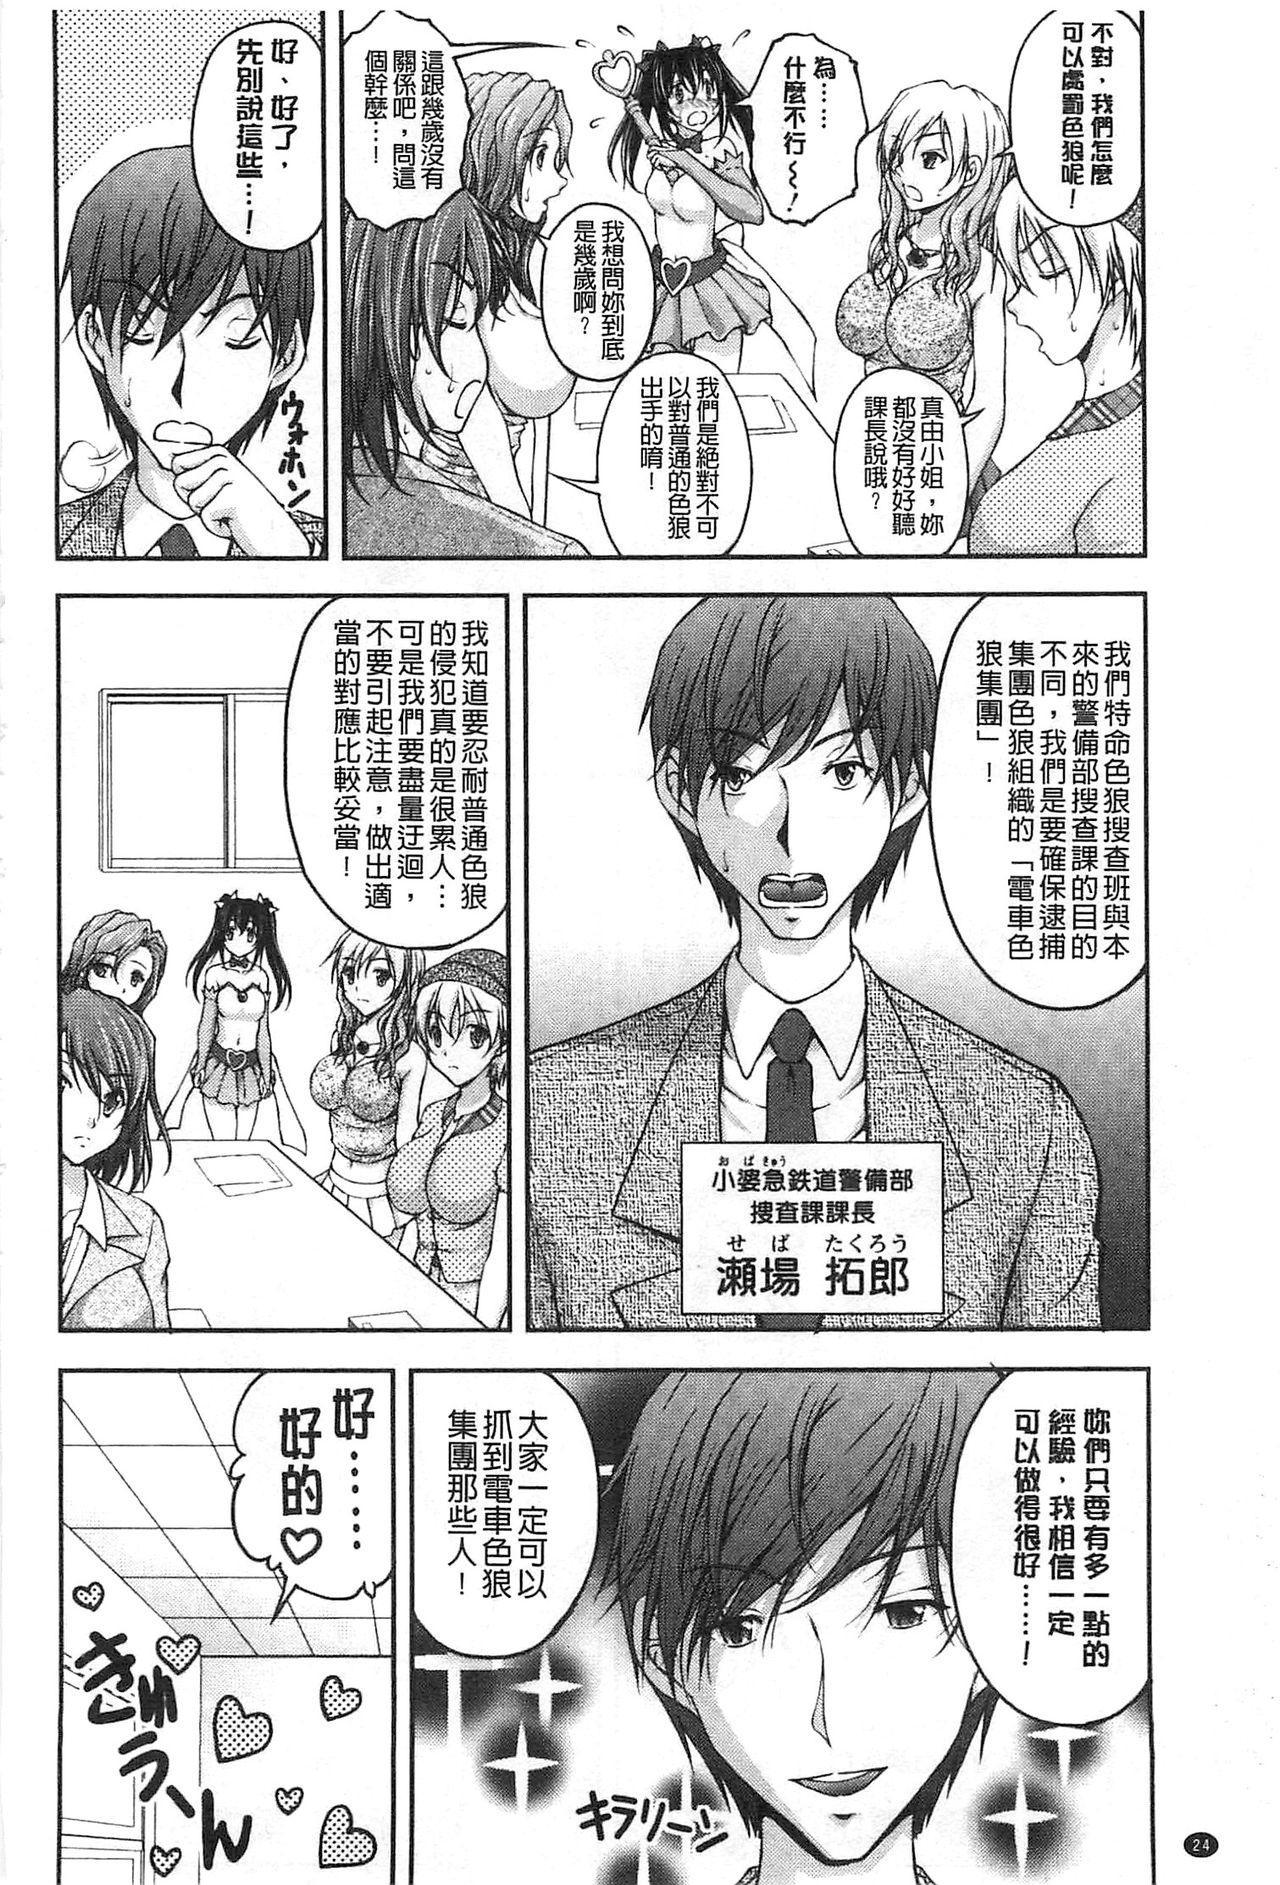 Tokumei Chikan Otori Sousahan | 特命痴漢誘捕的搜查班 30